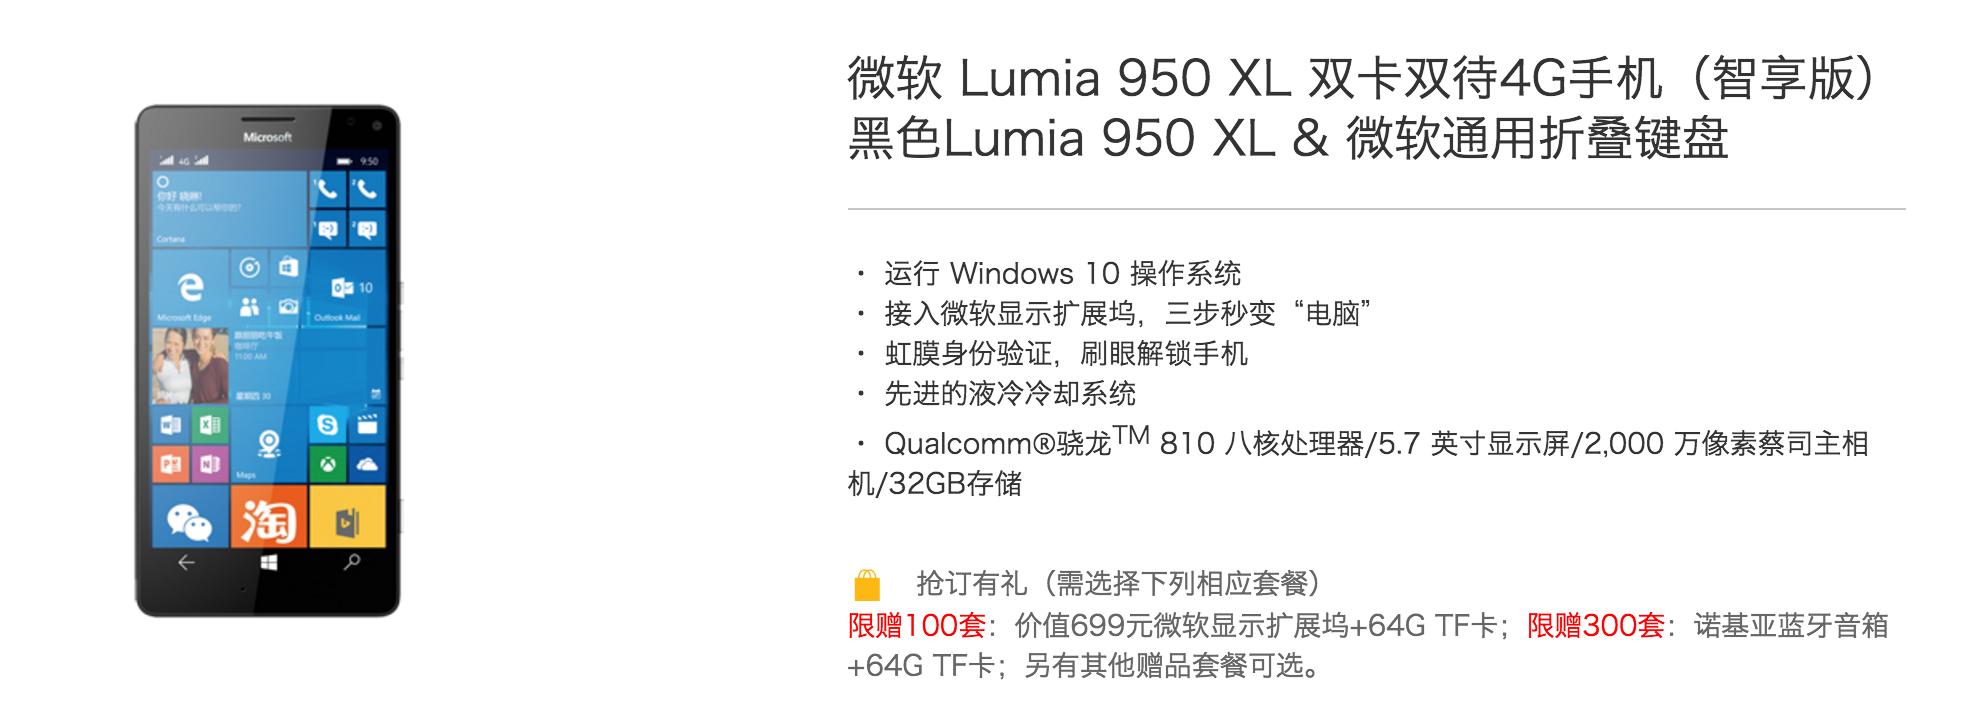 好似电脑上一样的手机上?行货Lumia 950/950XL开卖